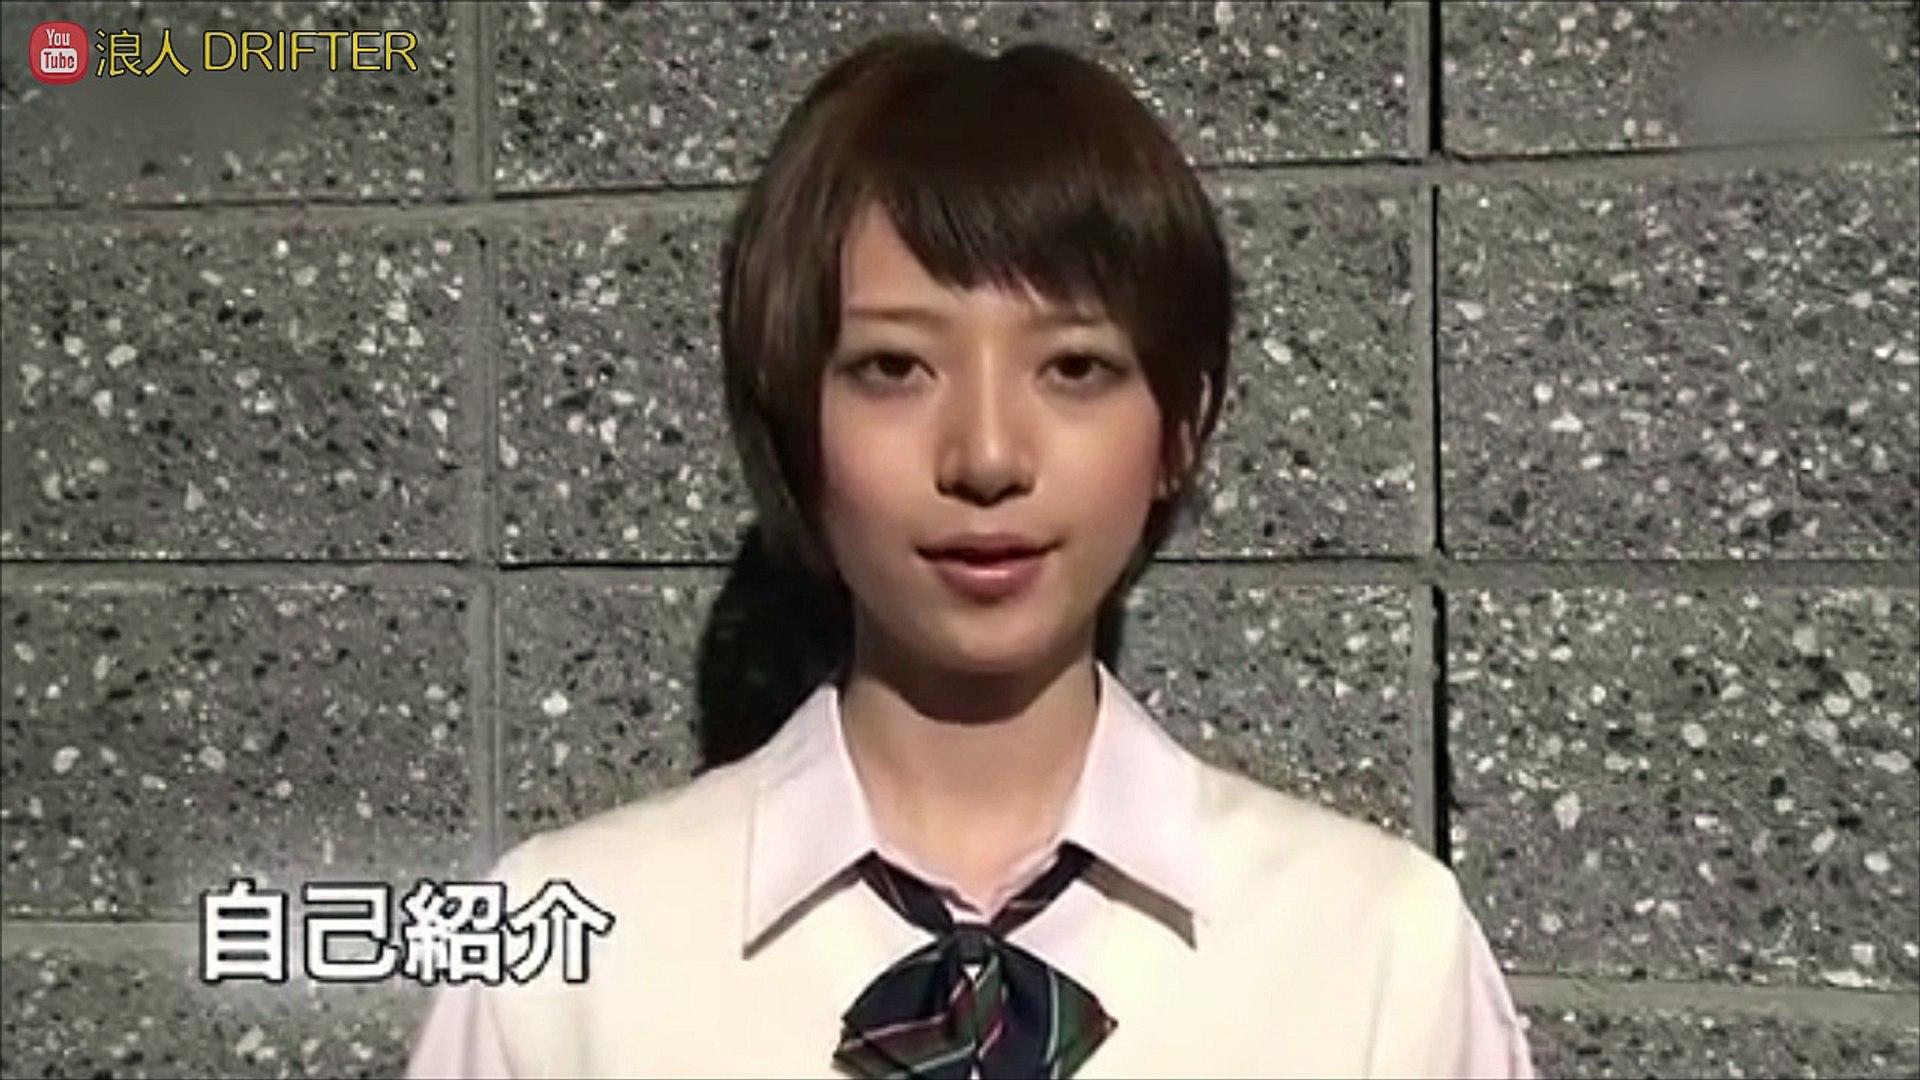 乃木坂46 橋本奈々未 デビュー映像 Nogizaka46 Debut Hashimoto Nanami Video Dailymotion